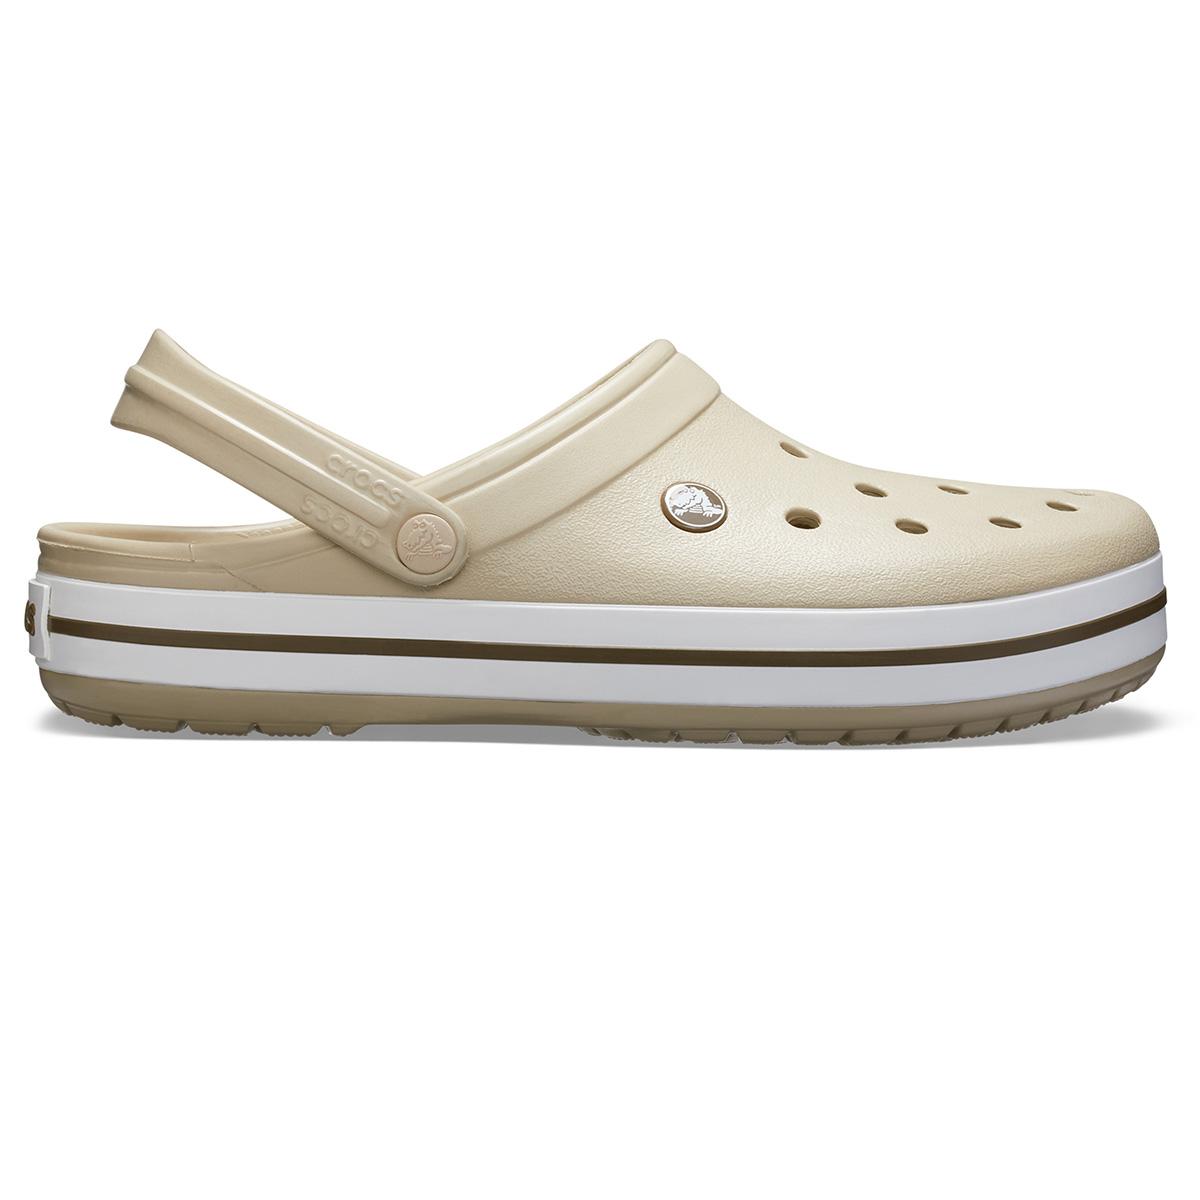 Crocs Crocband - Kaldırım Taşı/Ceviz